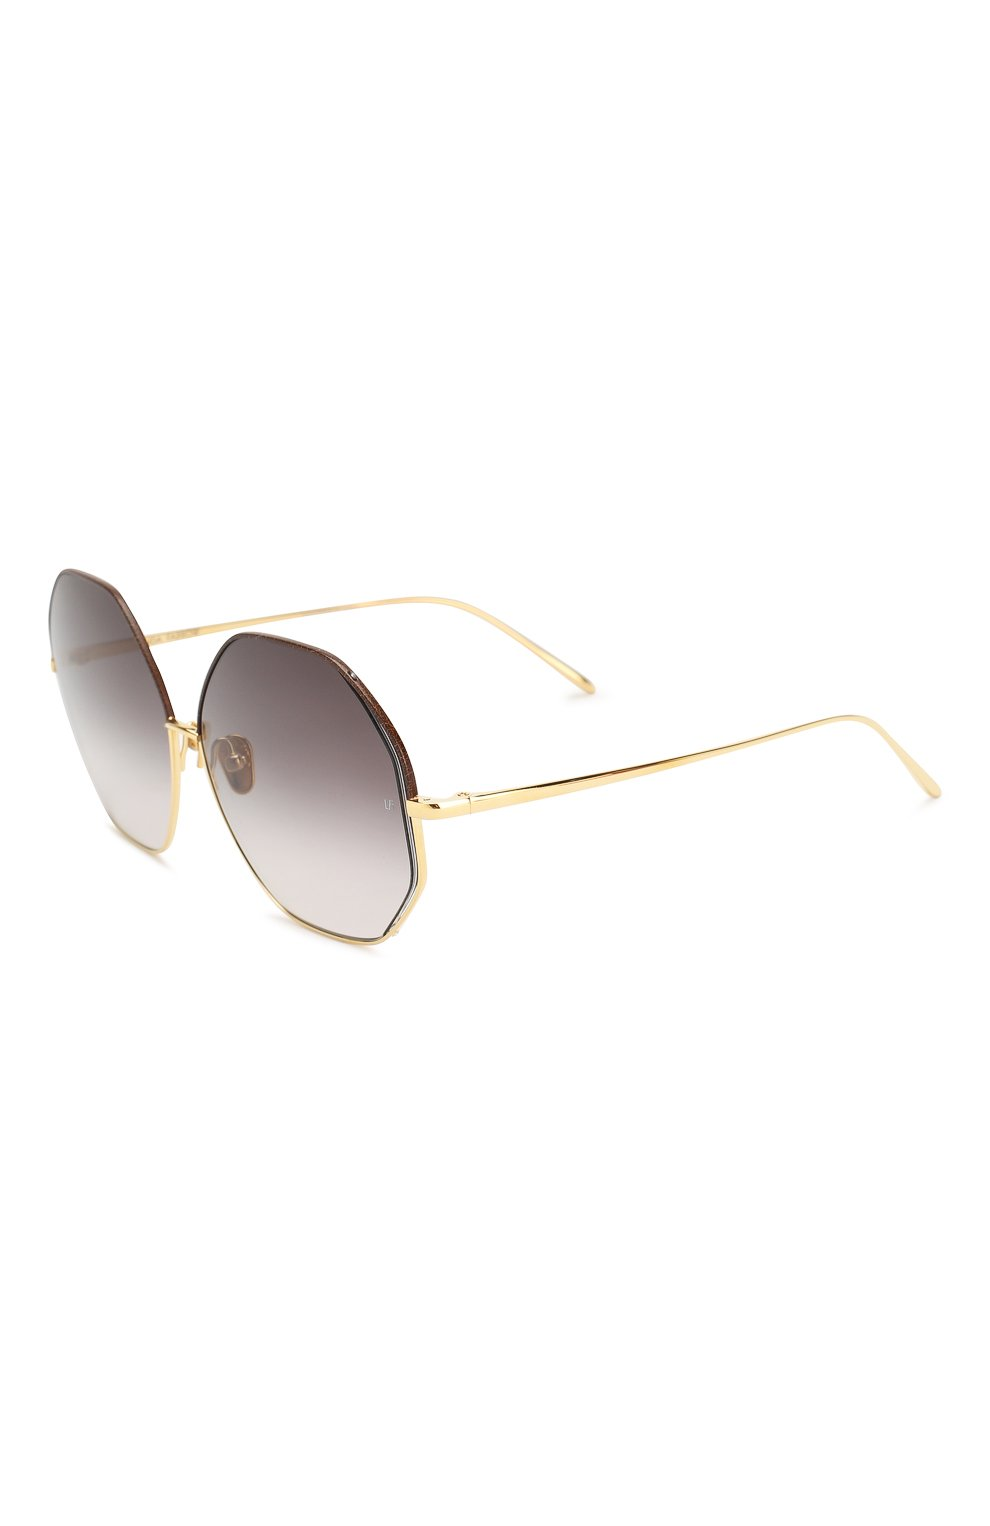 Женские солнцезащитные очки LINDA FARROW темно-коричневого цвета, арт. LFL1009C3 SUN   Фото 1